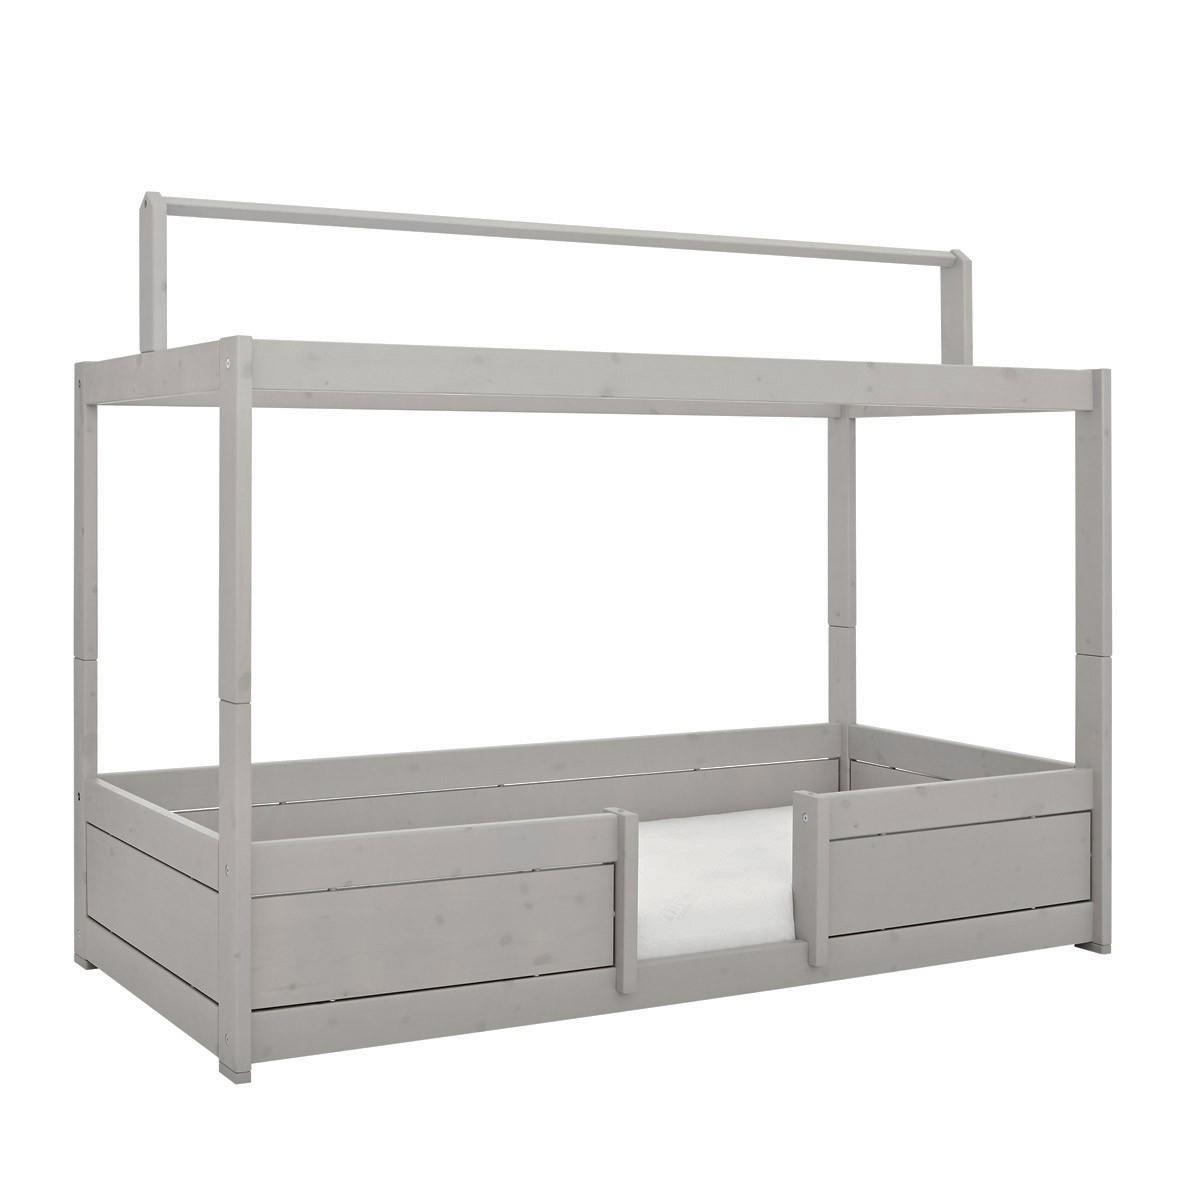 Lifetime 4 in Bett mit Dachkonstruktion in grey